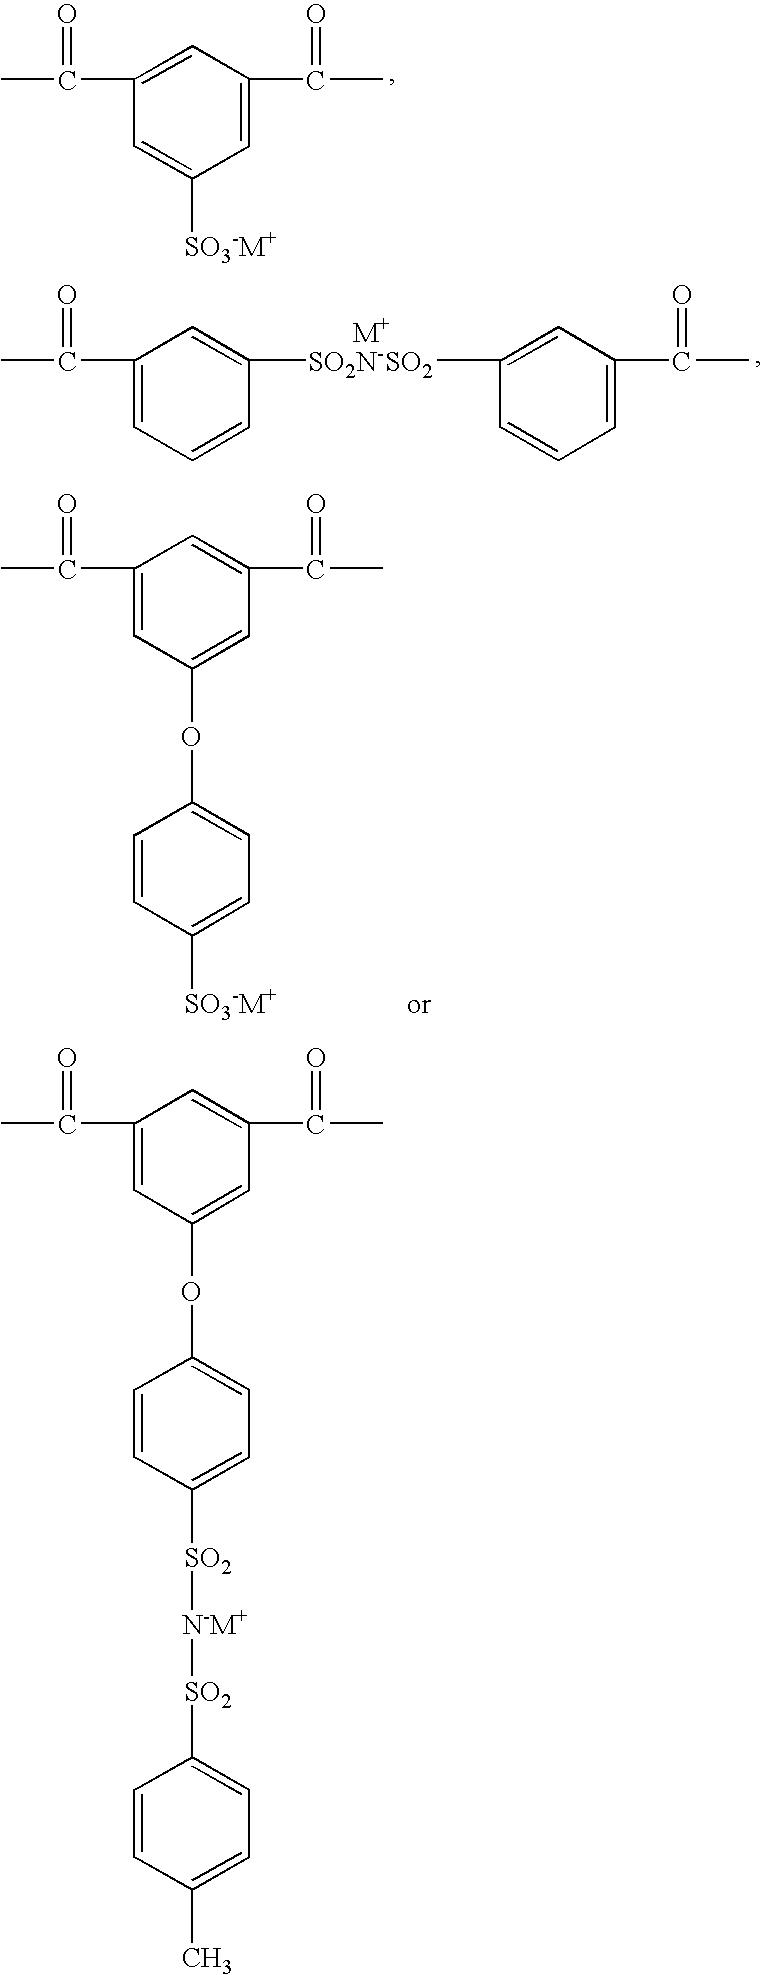 Figure US07435765-20081014-C00007